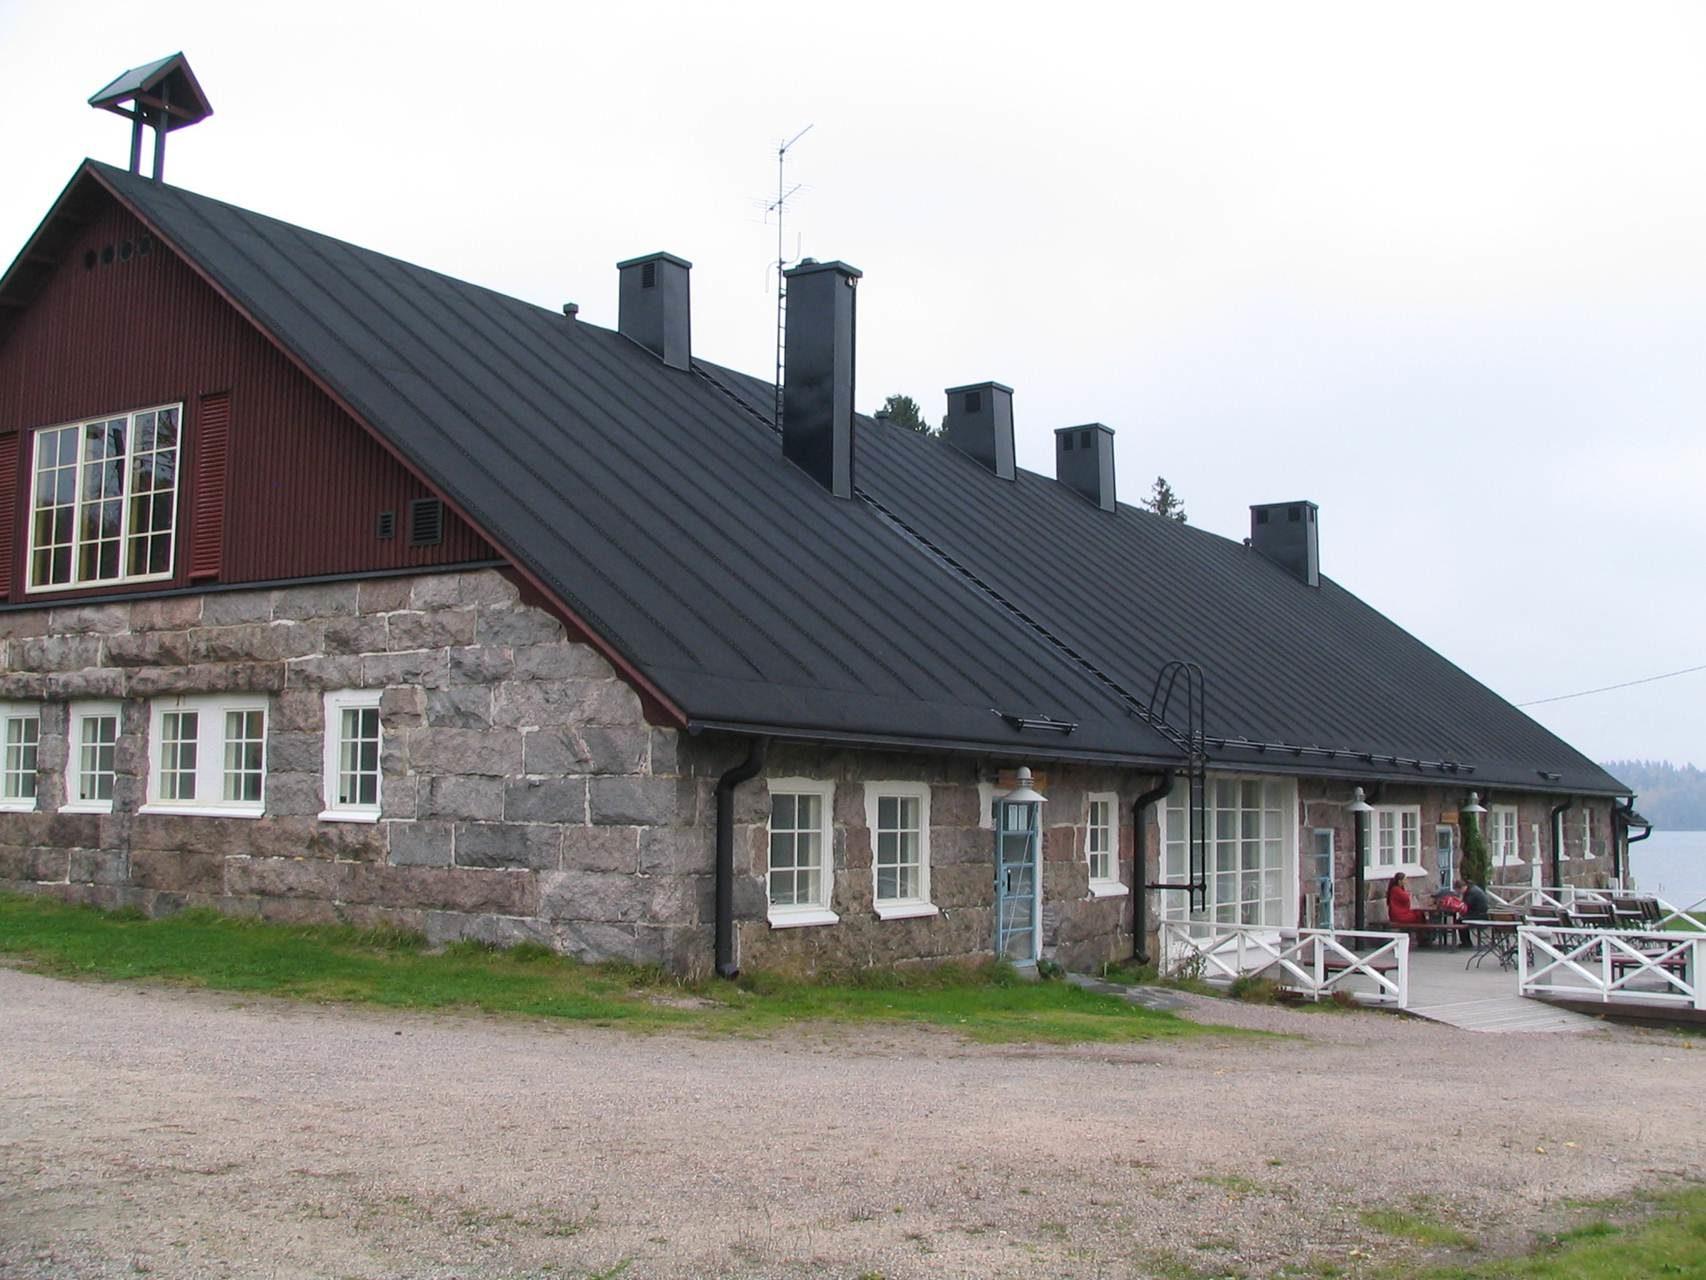 Ravintola & Ulkoilukeskus Oittaa